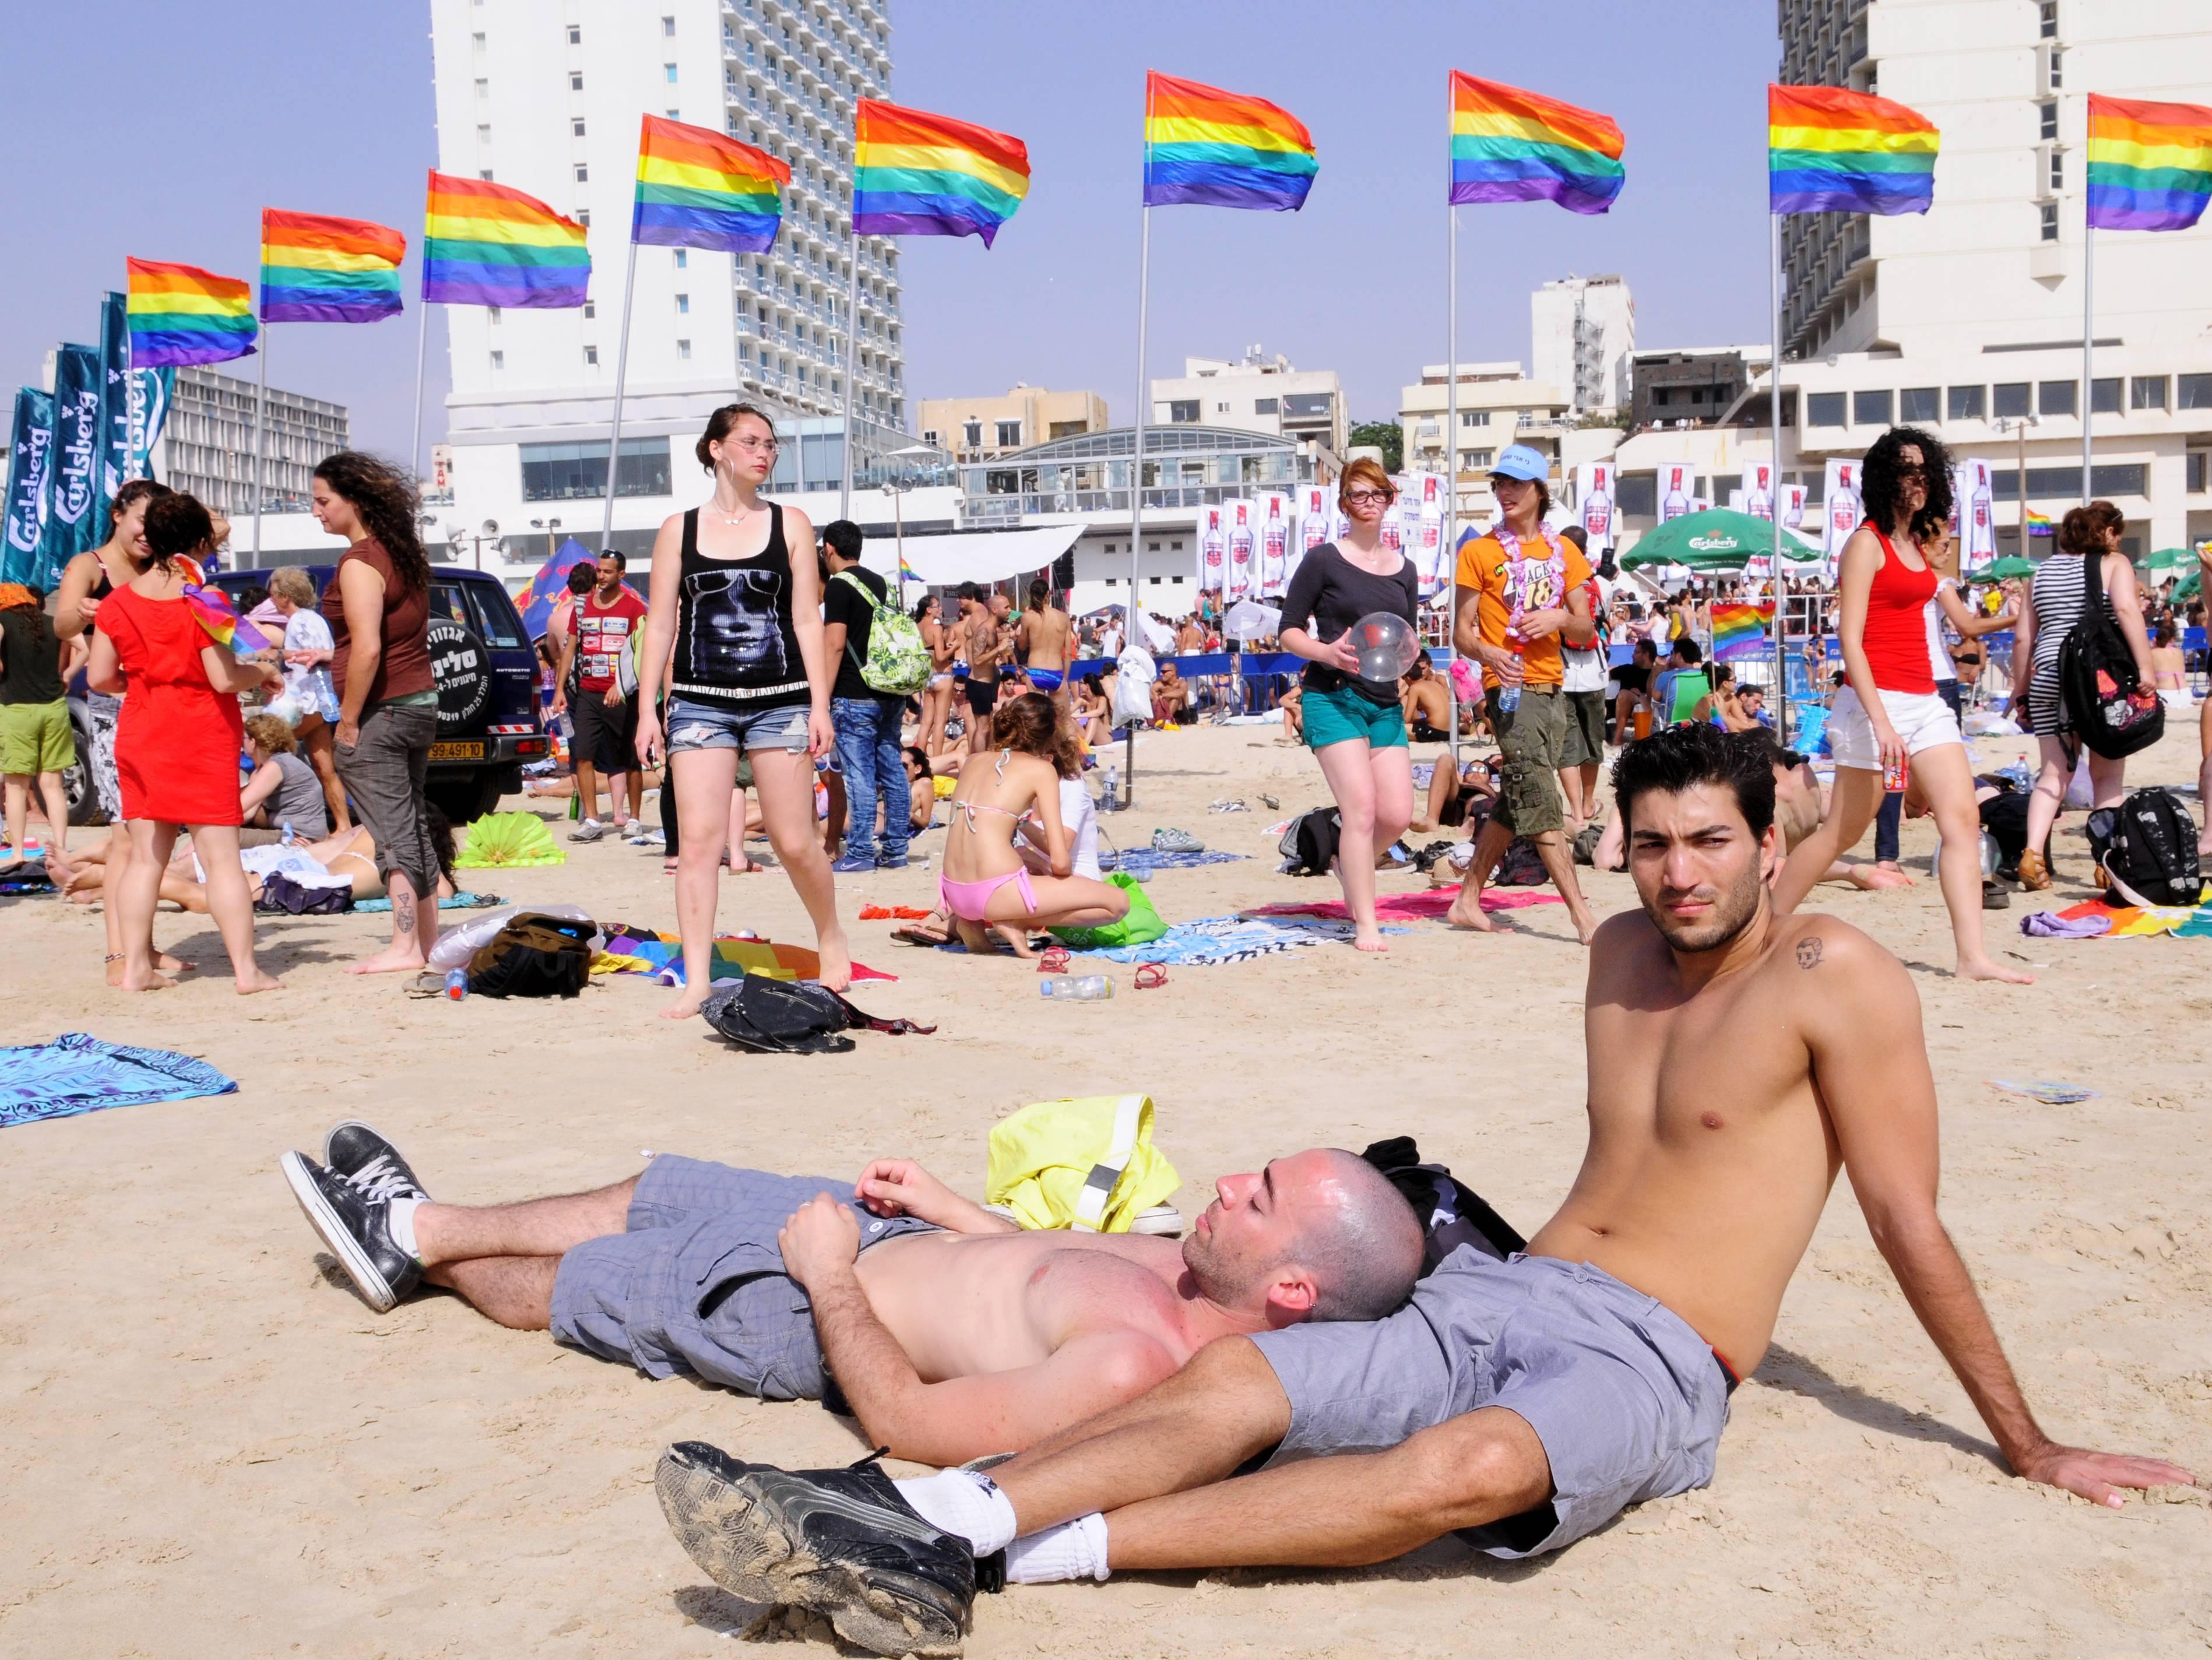 То, что гей израиль случайное совпадение